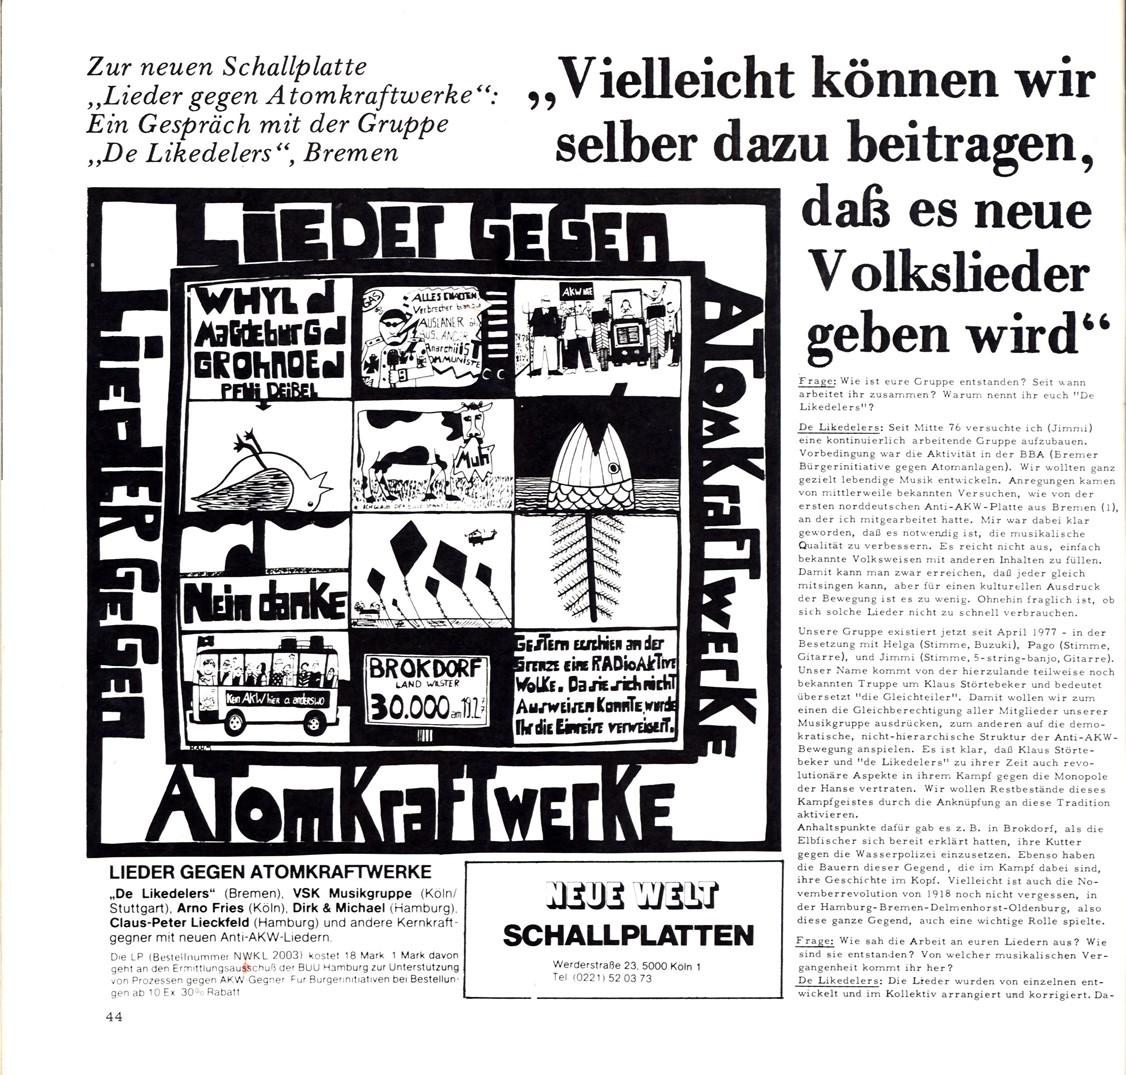 VSK_Kaempfende_Kunst_19771200_44